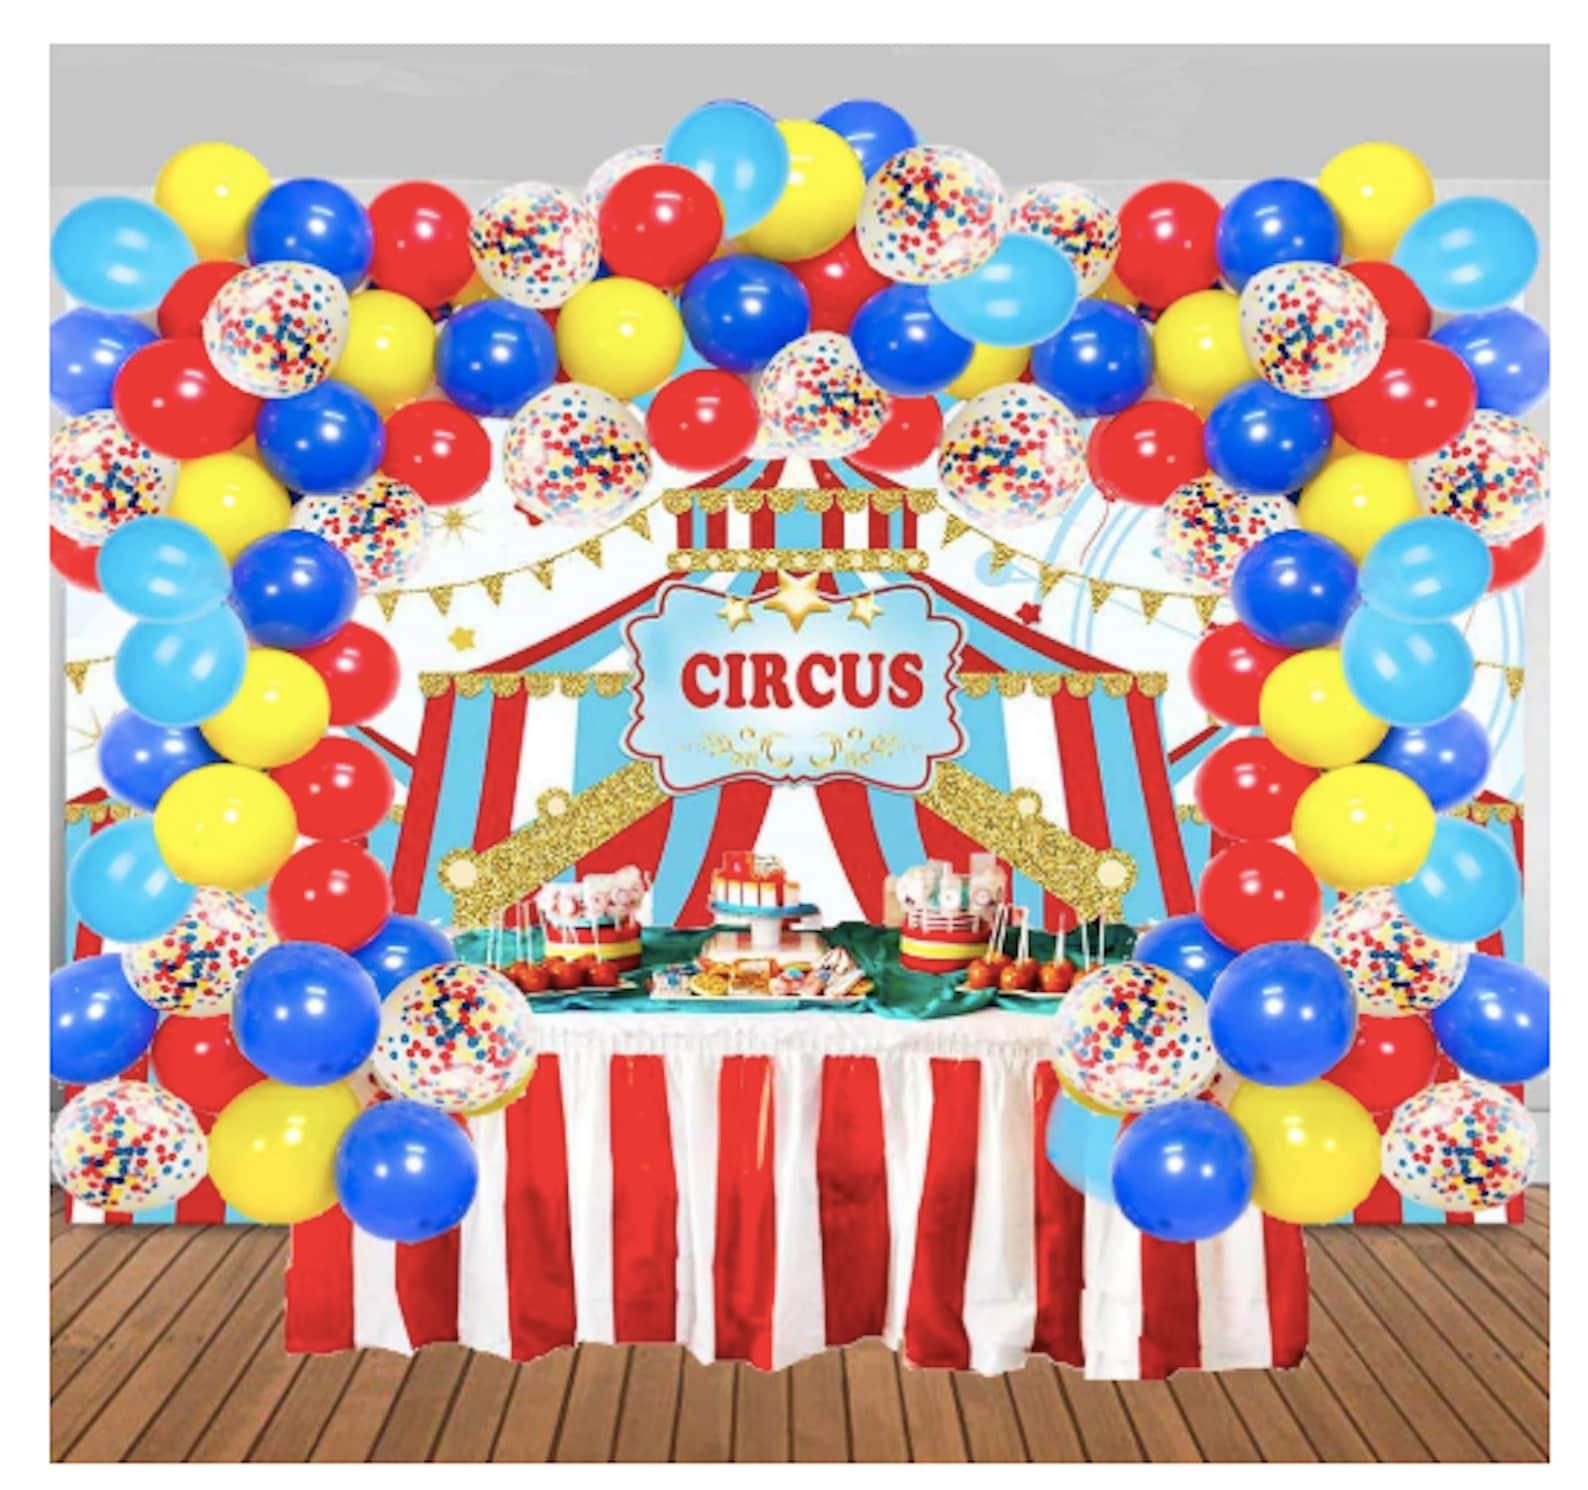 Circus Party Balloon Garlands